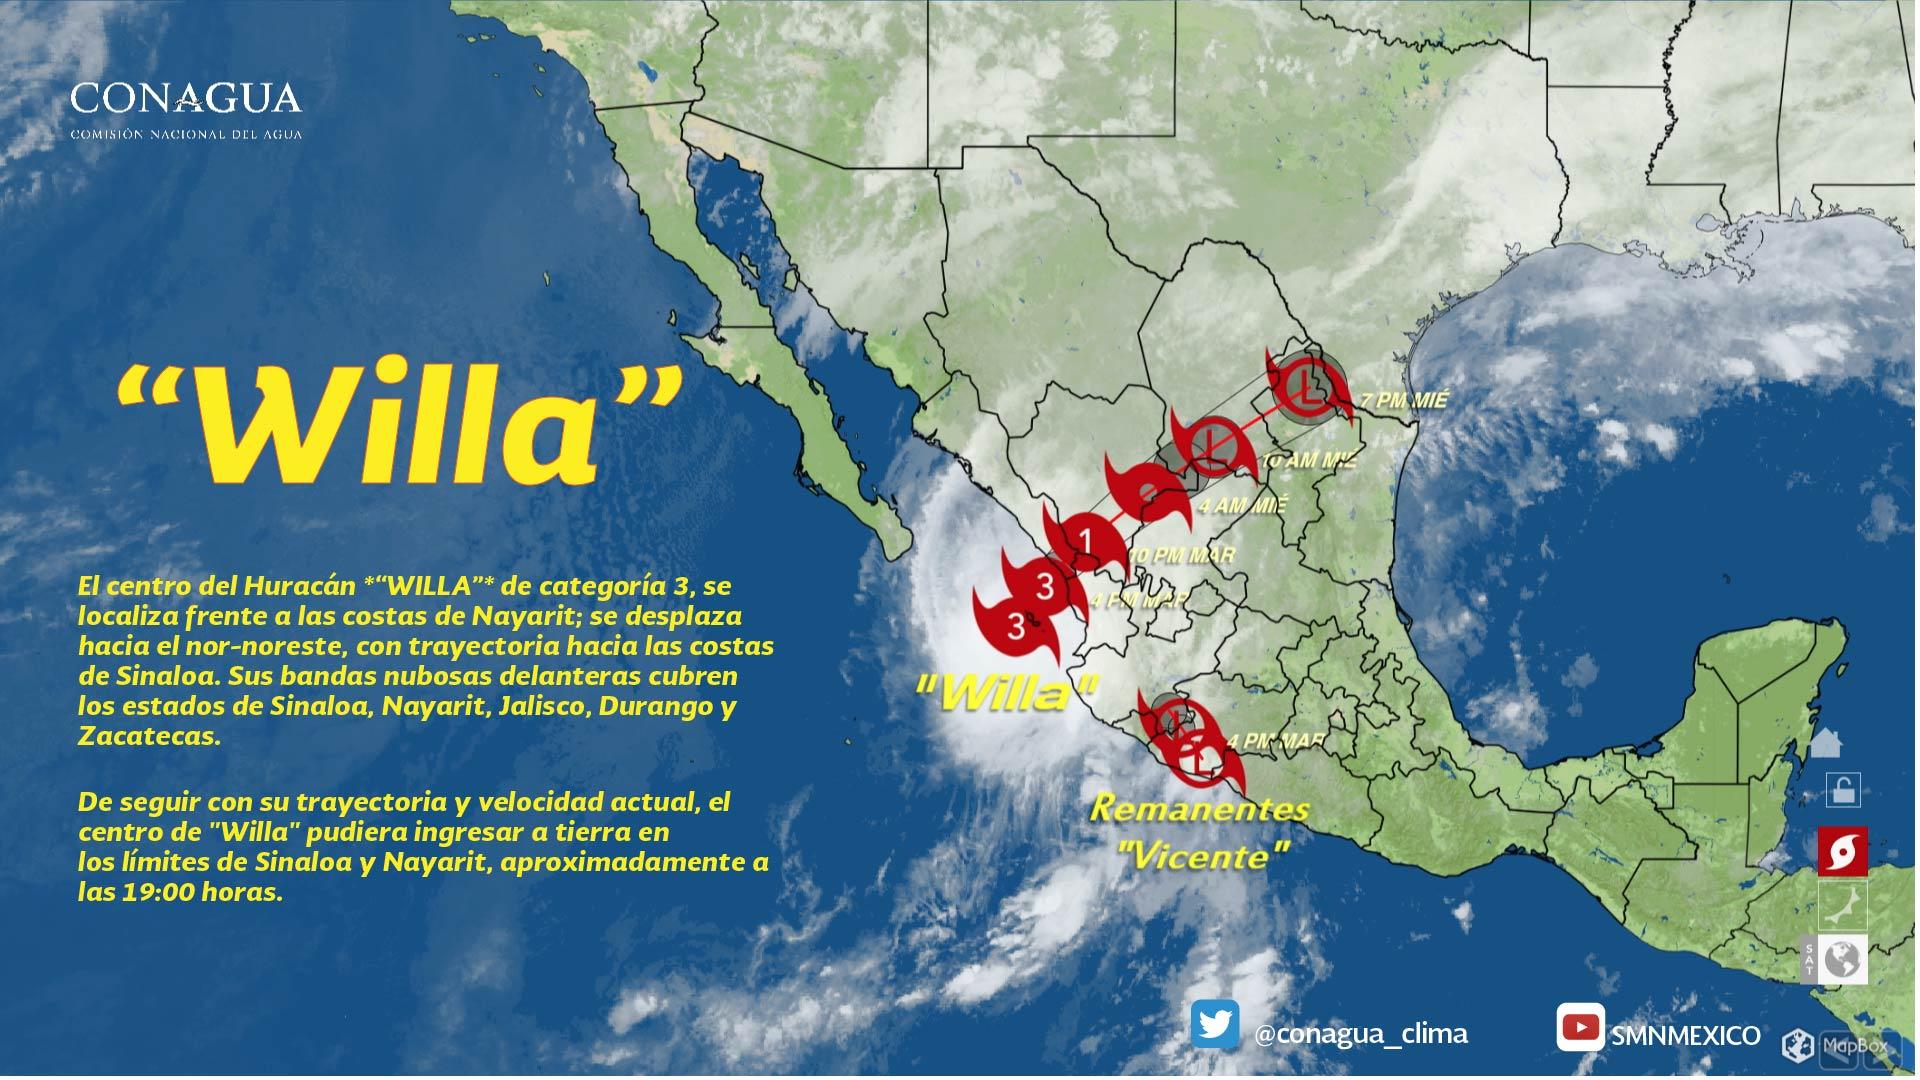 Willa mantiene su trayectoria hacia Sinaloa y Nayarit